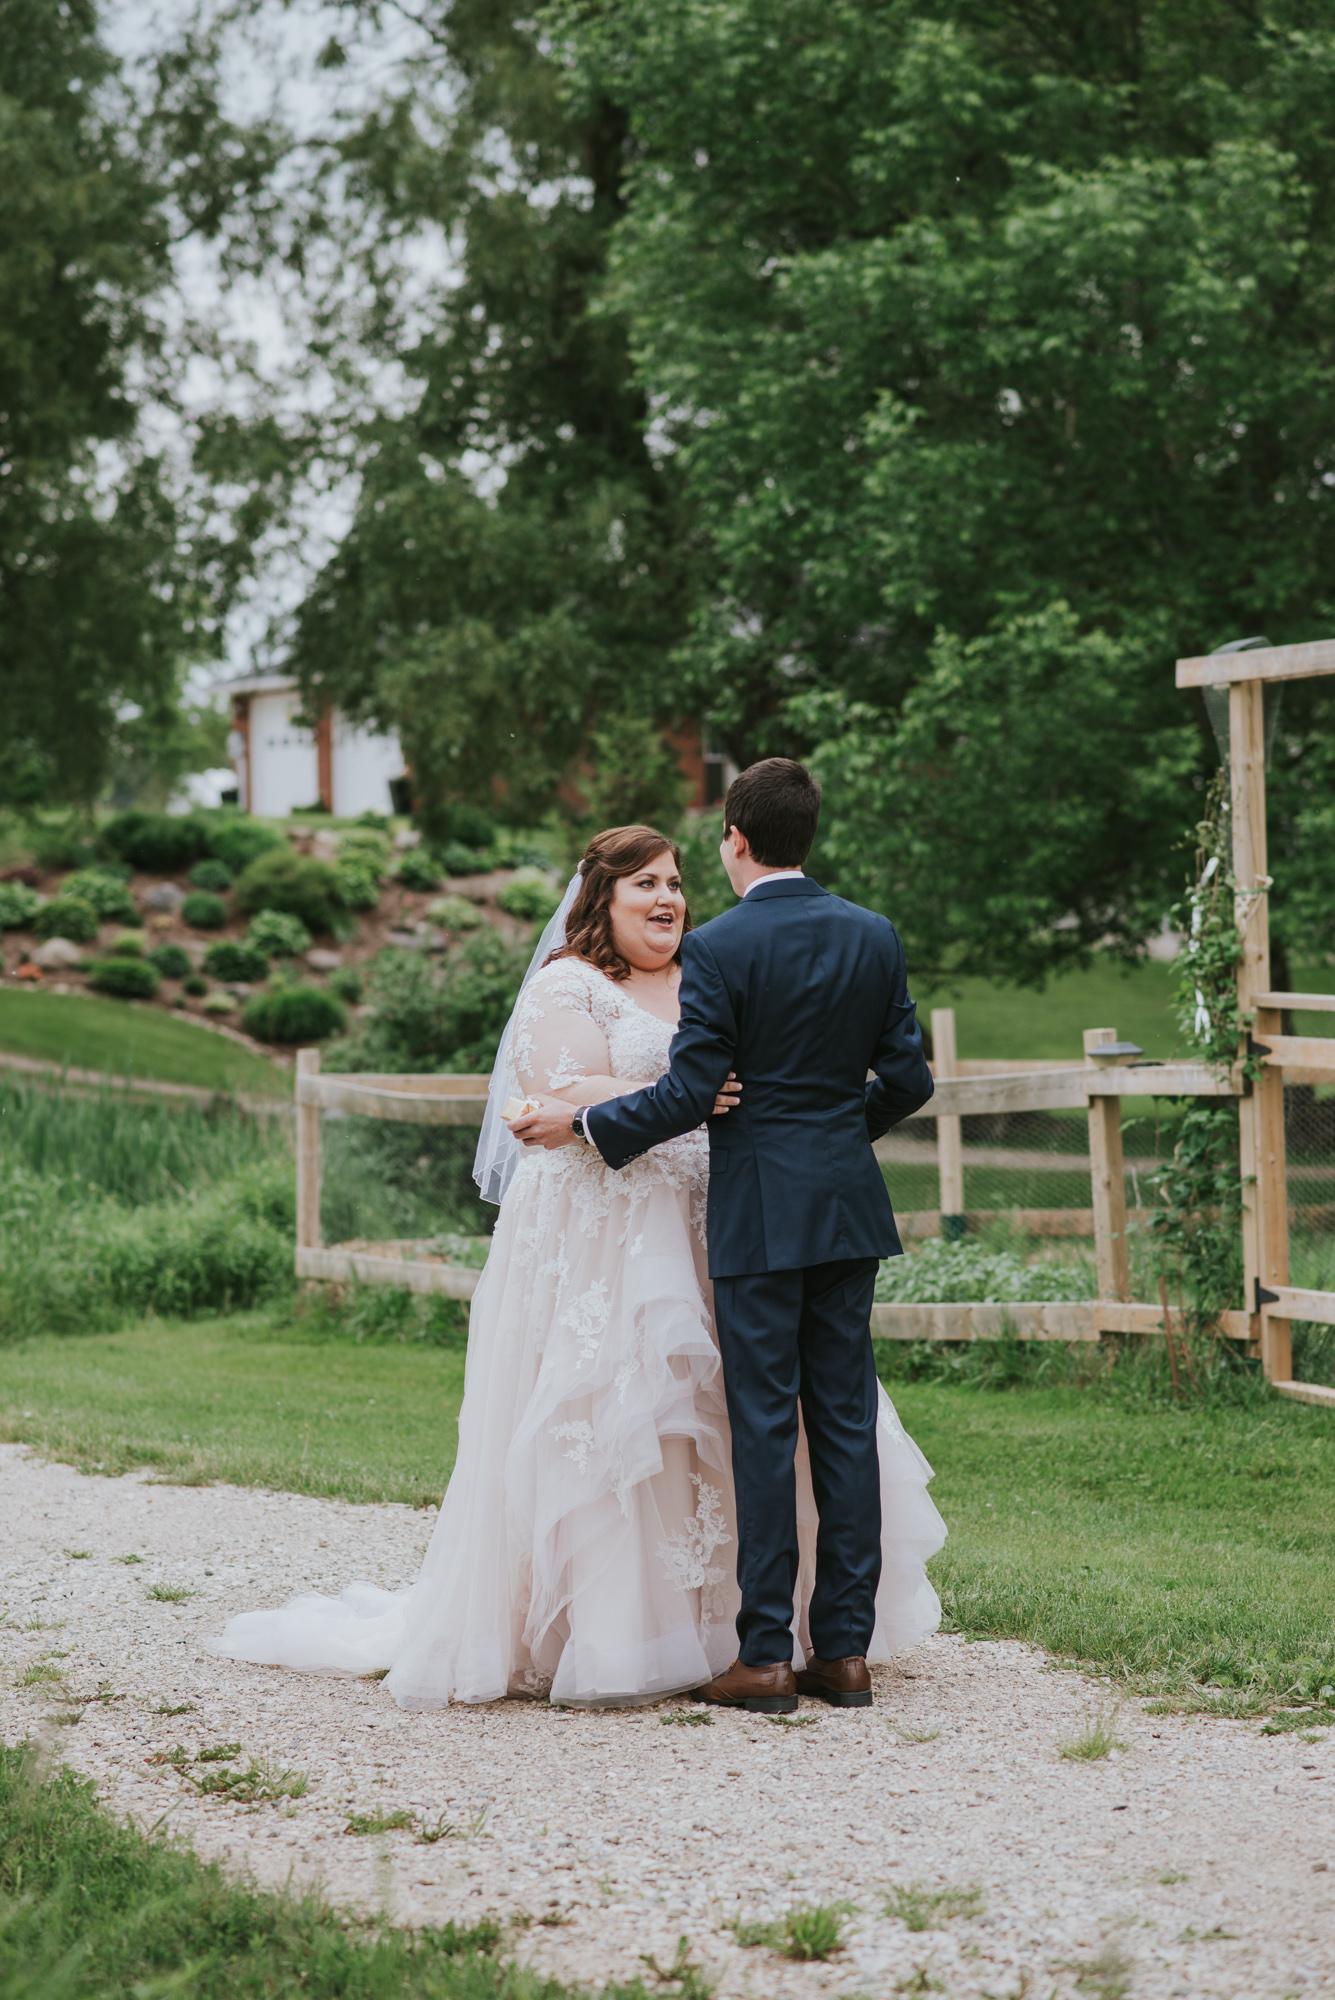 Summer-Farm-Backyard-Wedding-Portraits-18.jpg